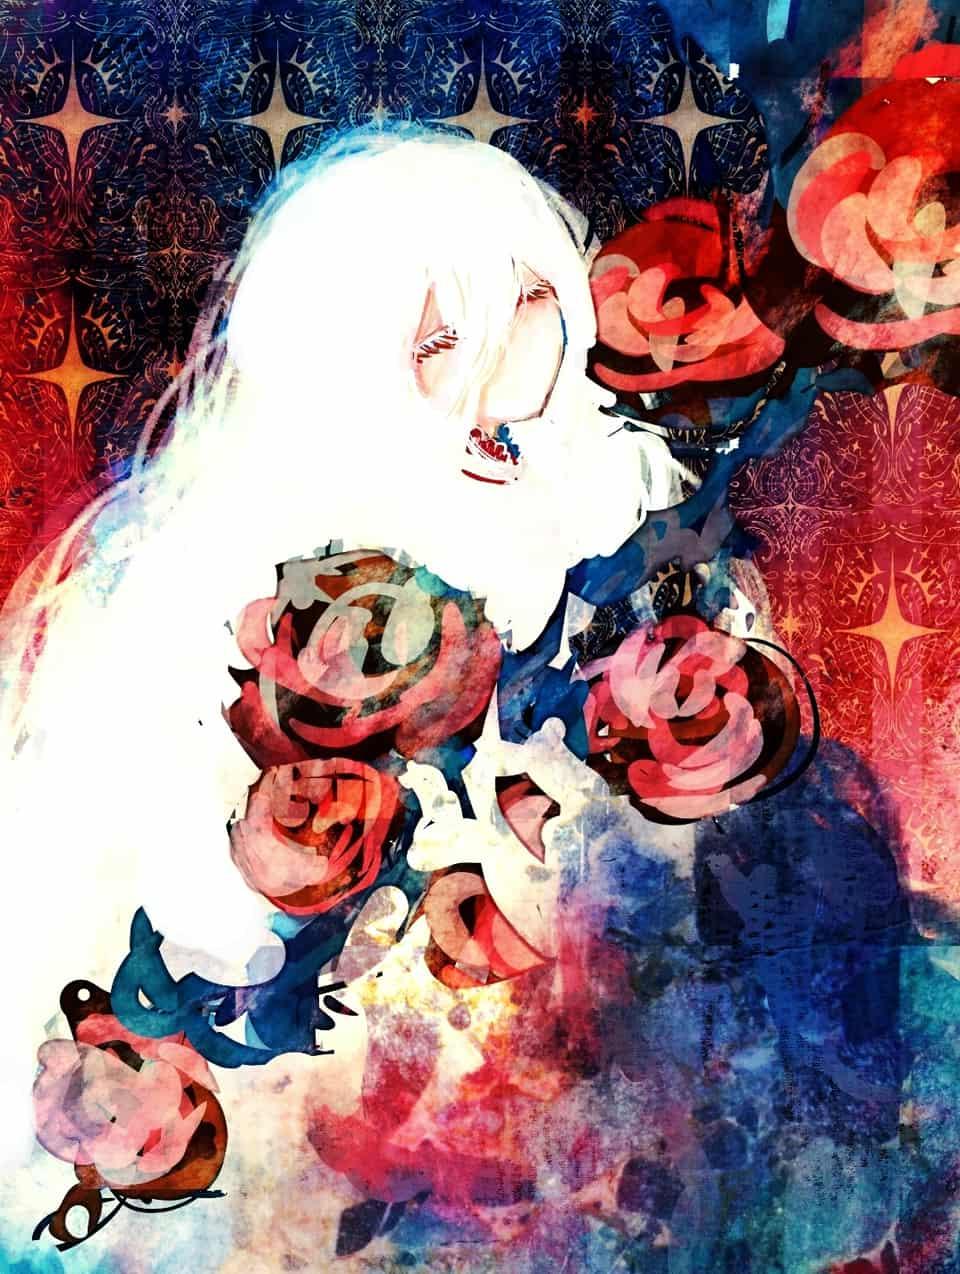 Illust of n white_hair original girl vampire medibangpaint doodle スマホ描き oc